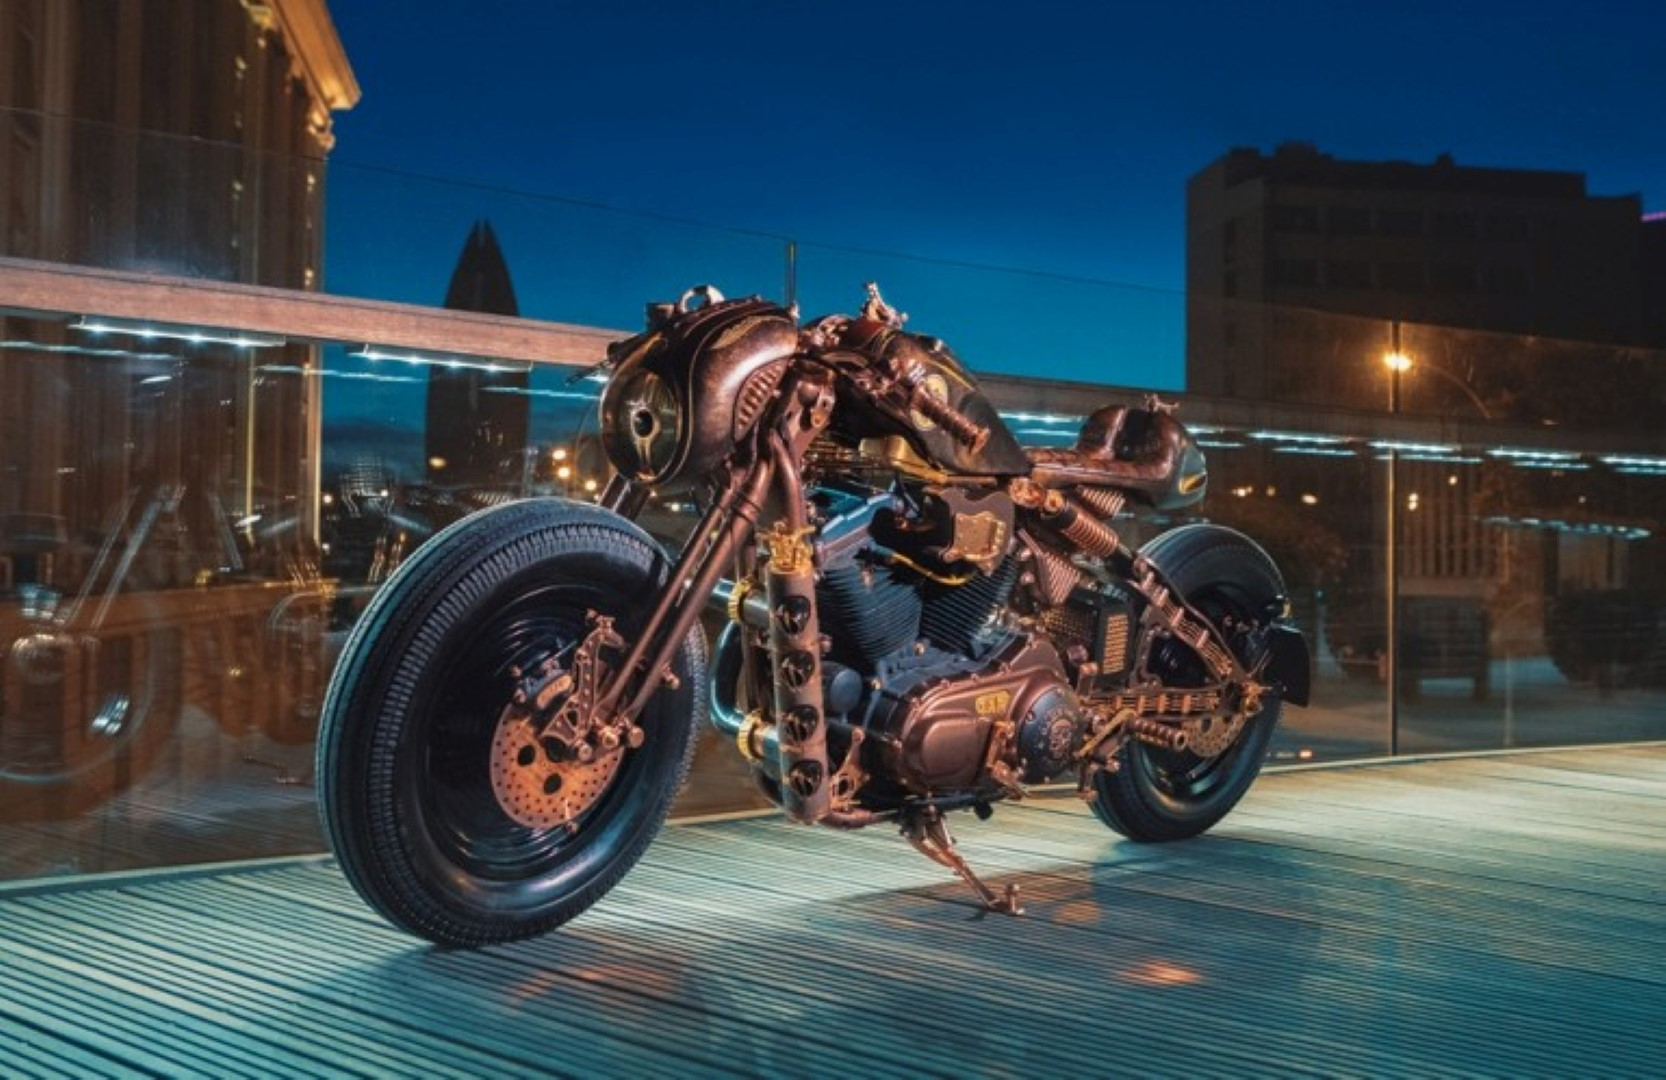 Una Harley Davidson hecha con mucho rock & roll